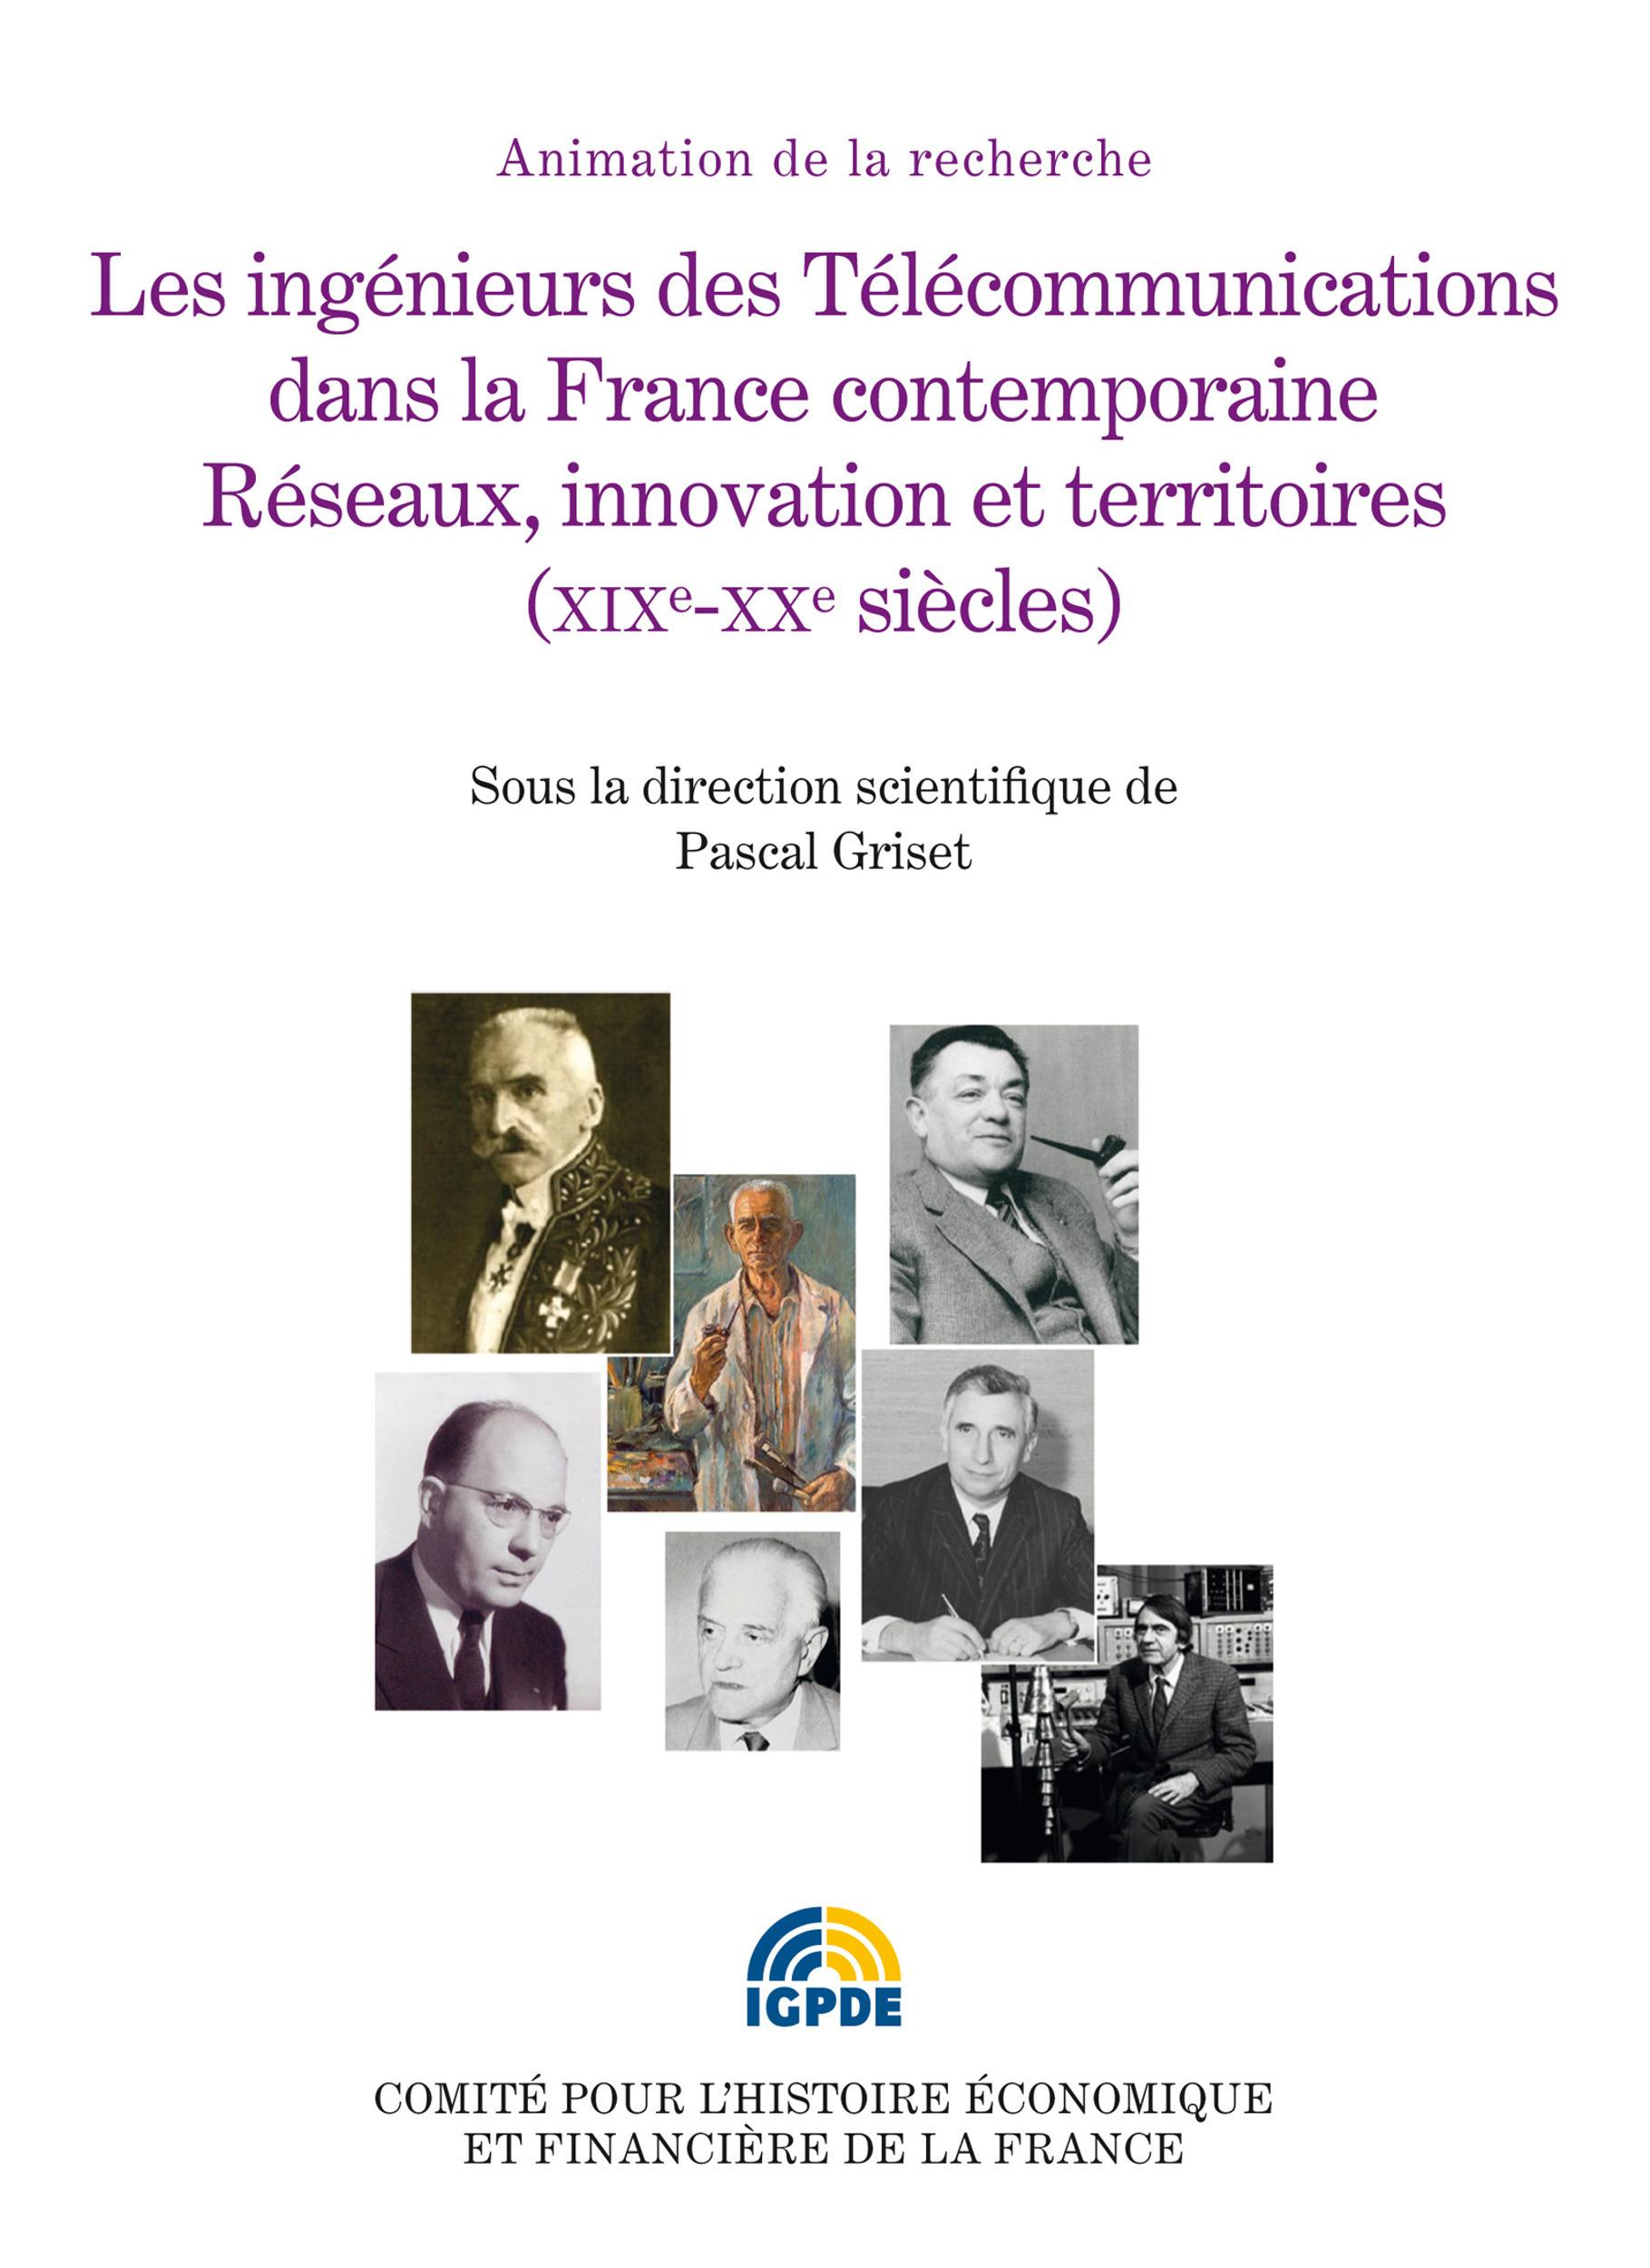 Les ingénieurs des télécommunications dans la France contemporaine ; réseaux, innovations et territoires (XIXe-XXe siècles)